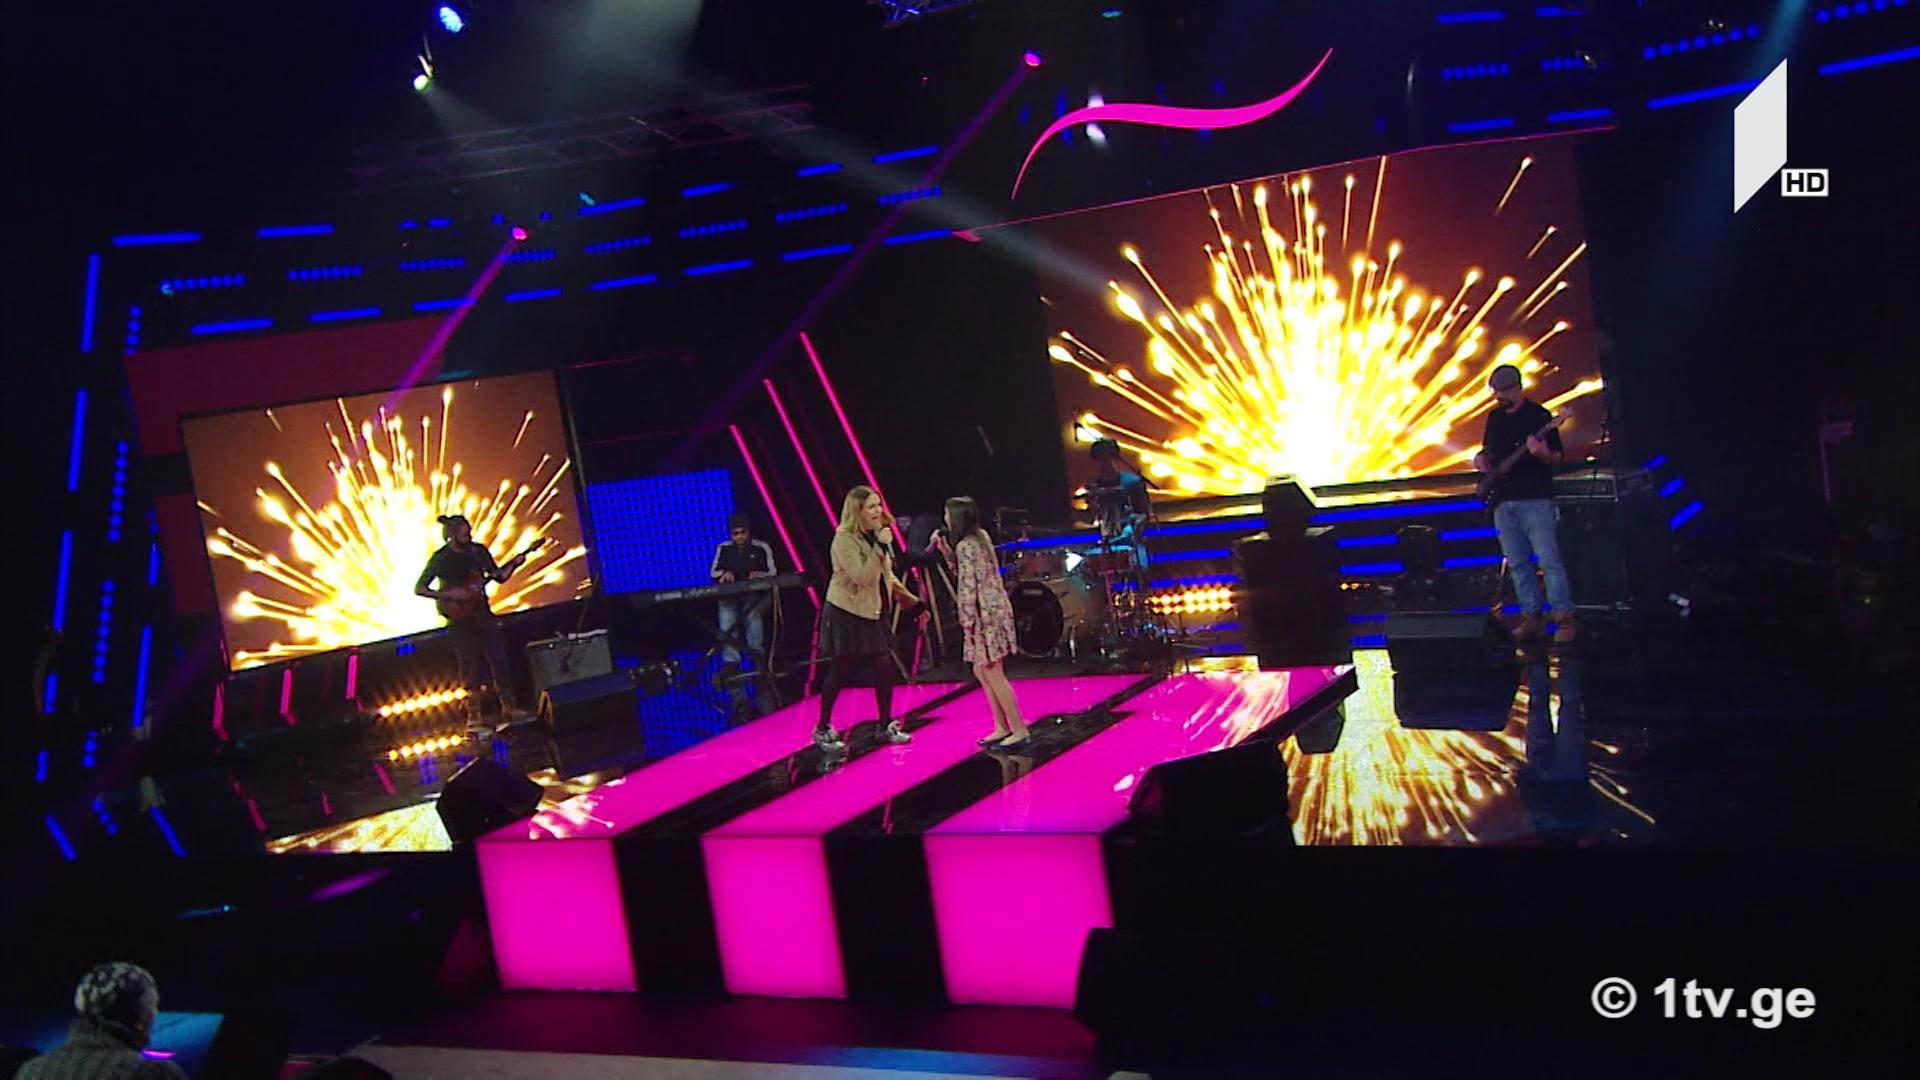 მუსიკის ზეიმი პირველ არხზე - #რანინა